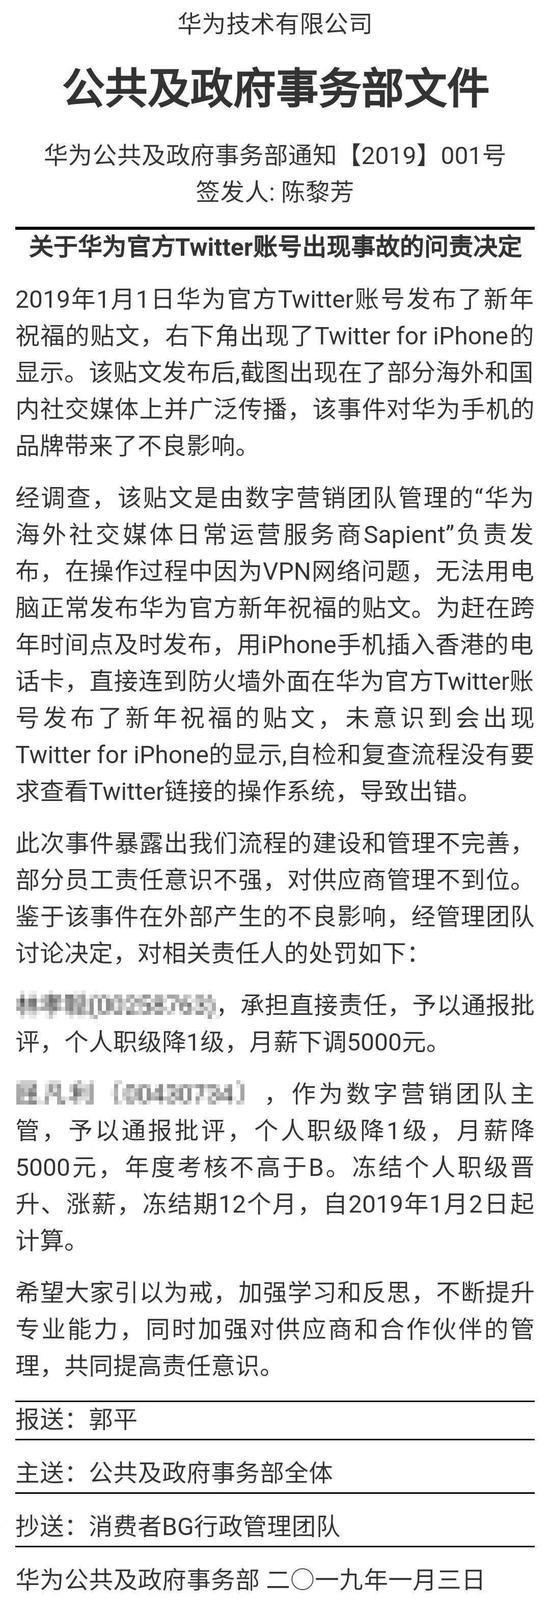 华为官方Twitter账号事故问责:两名负责人降职降薪